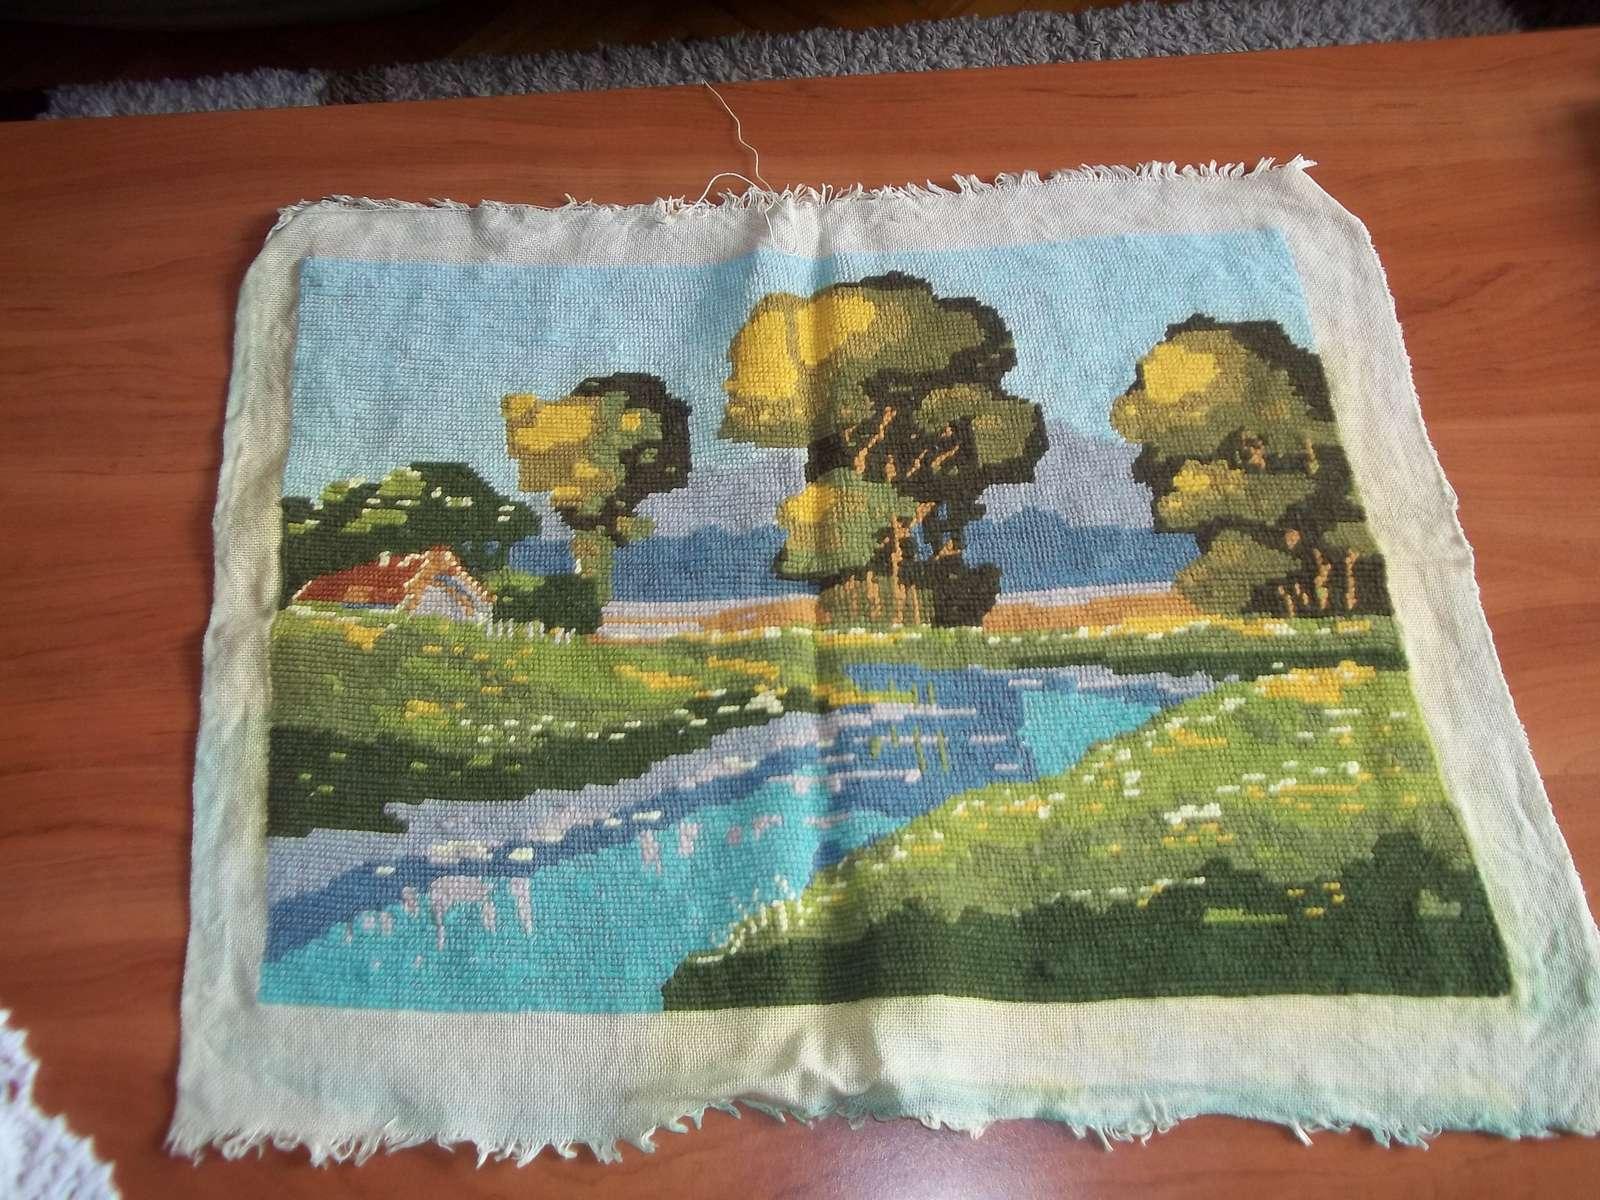 Obraz ručná práca gobelinový steh, krajinka - Obrázok č. 1